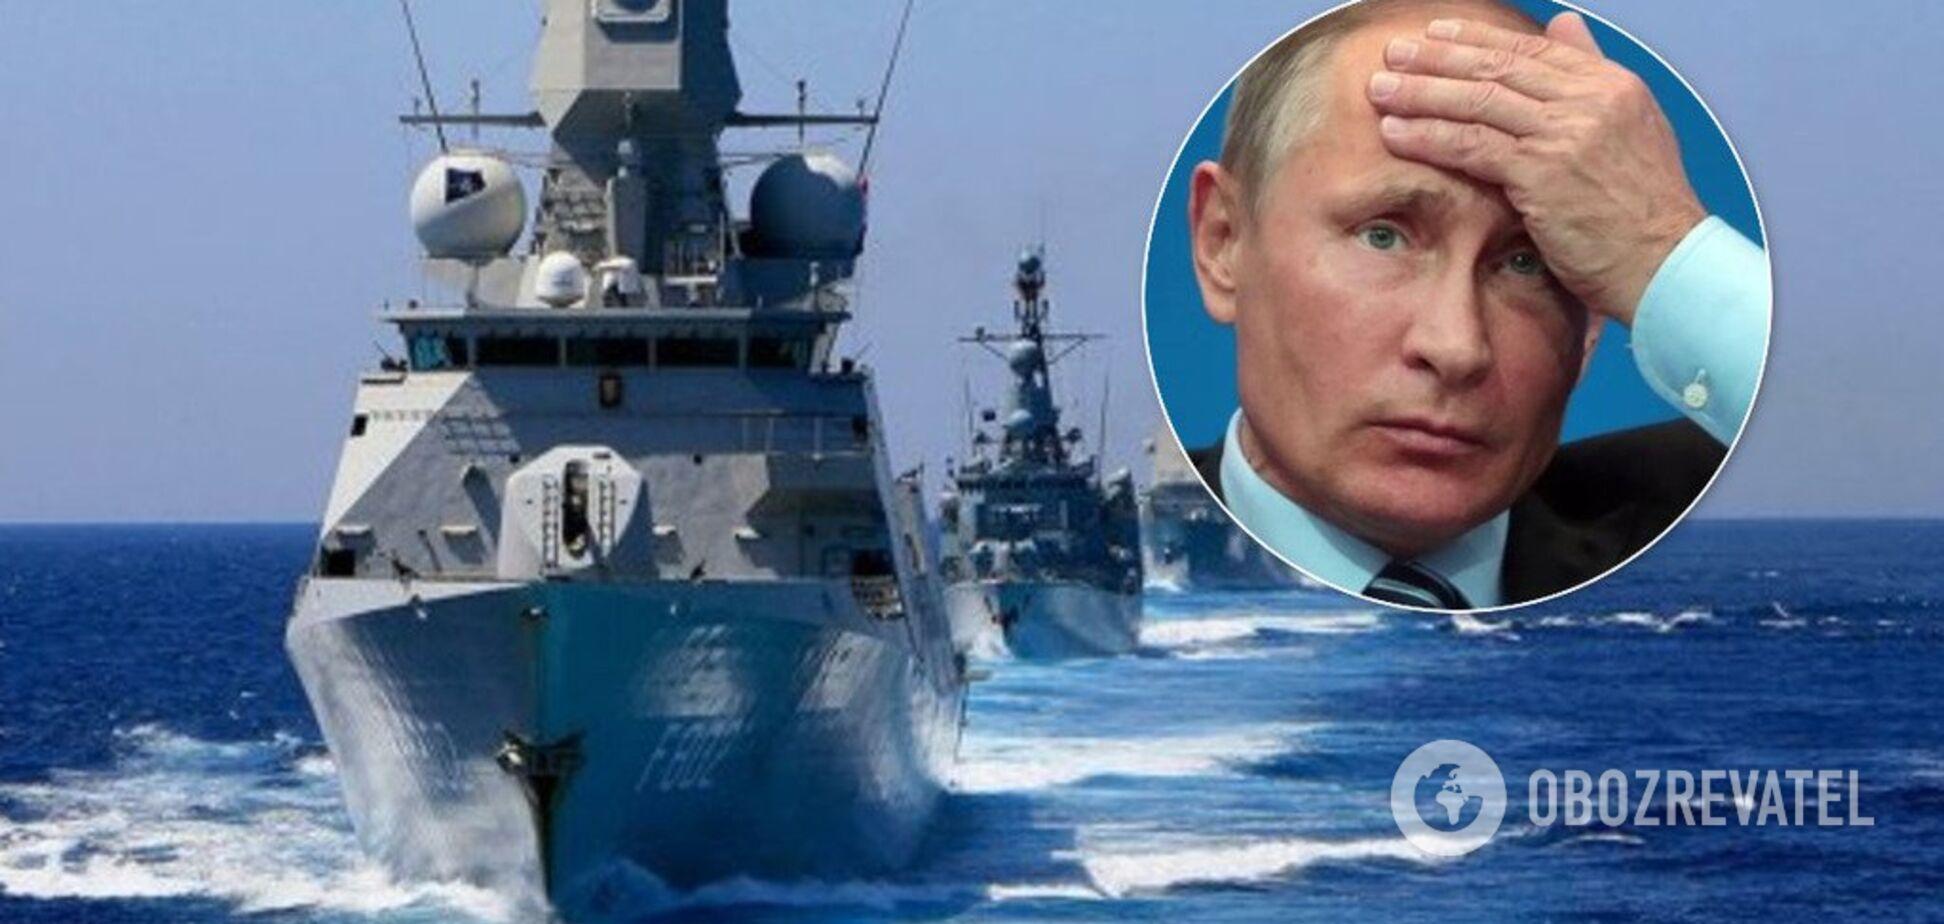 Кораблі в Чорному морі та зброя: в США склали план допомоги Україні проти Росії